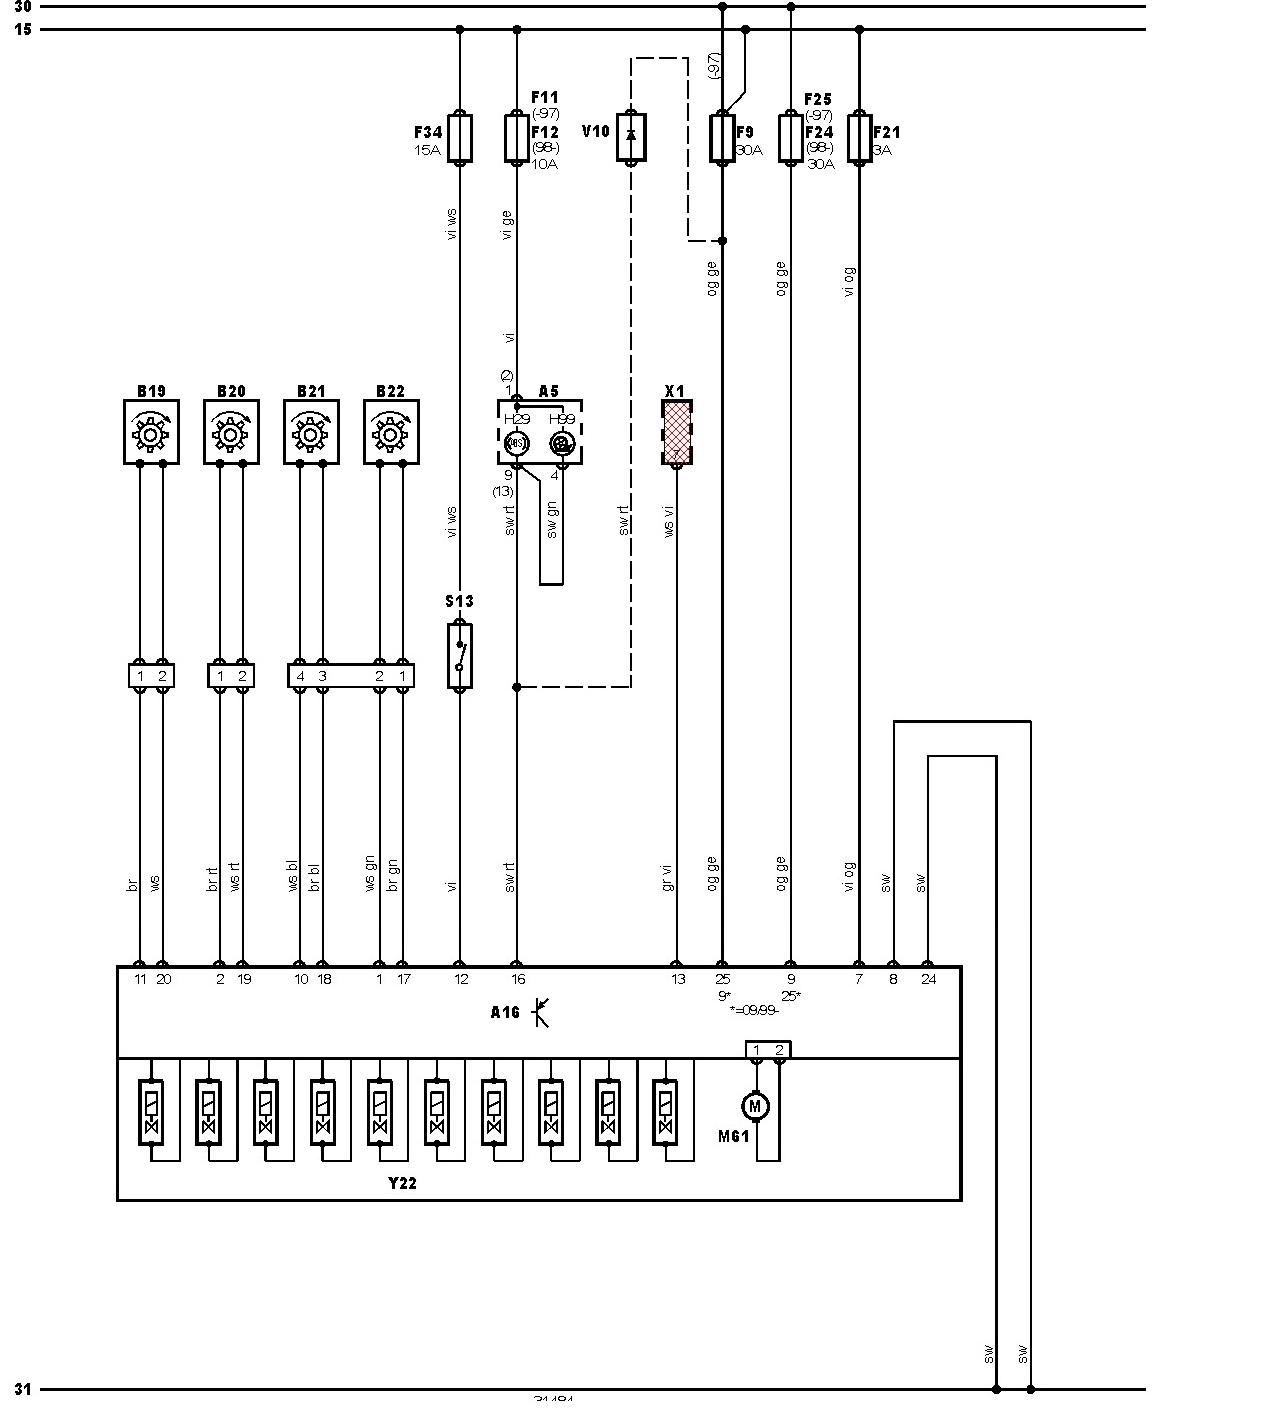 Ford Escort IV Schemat abs